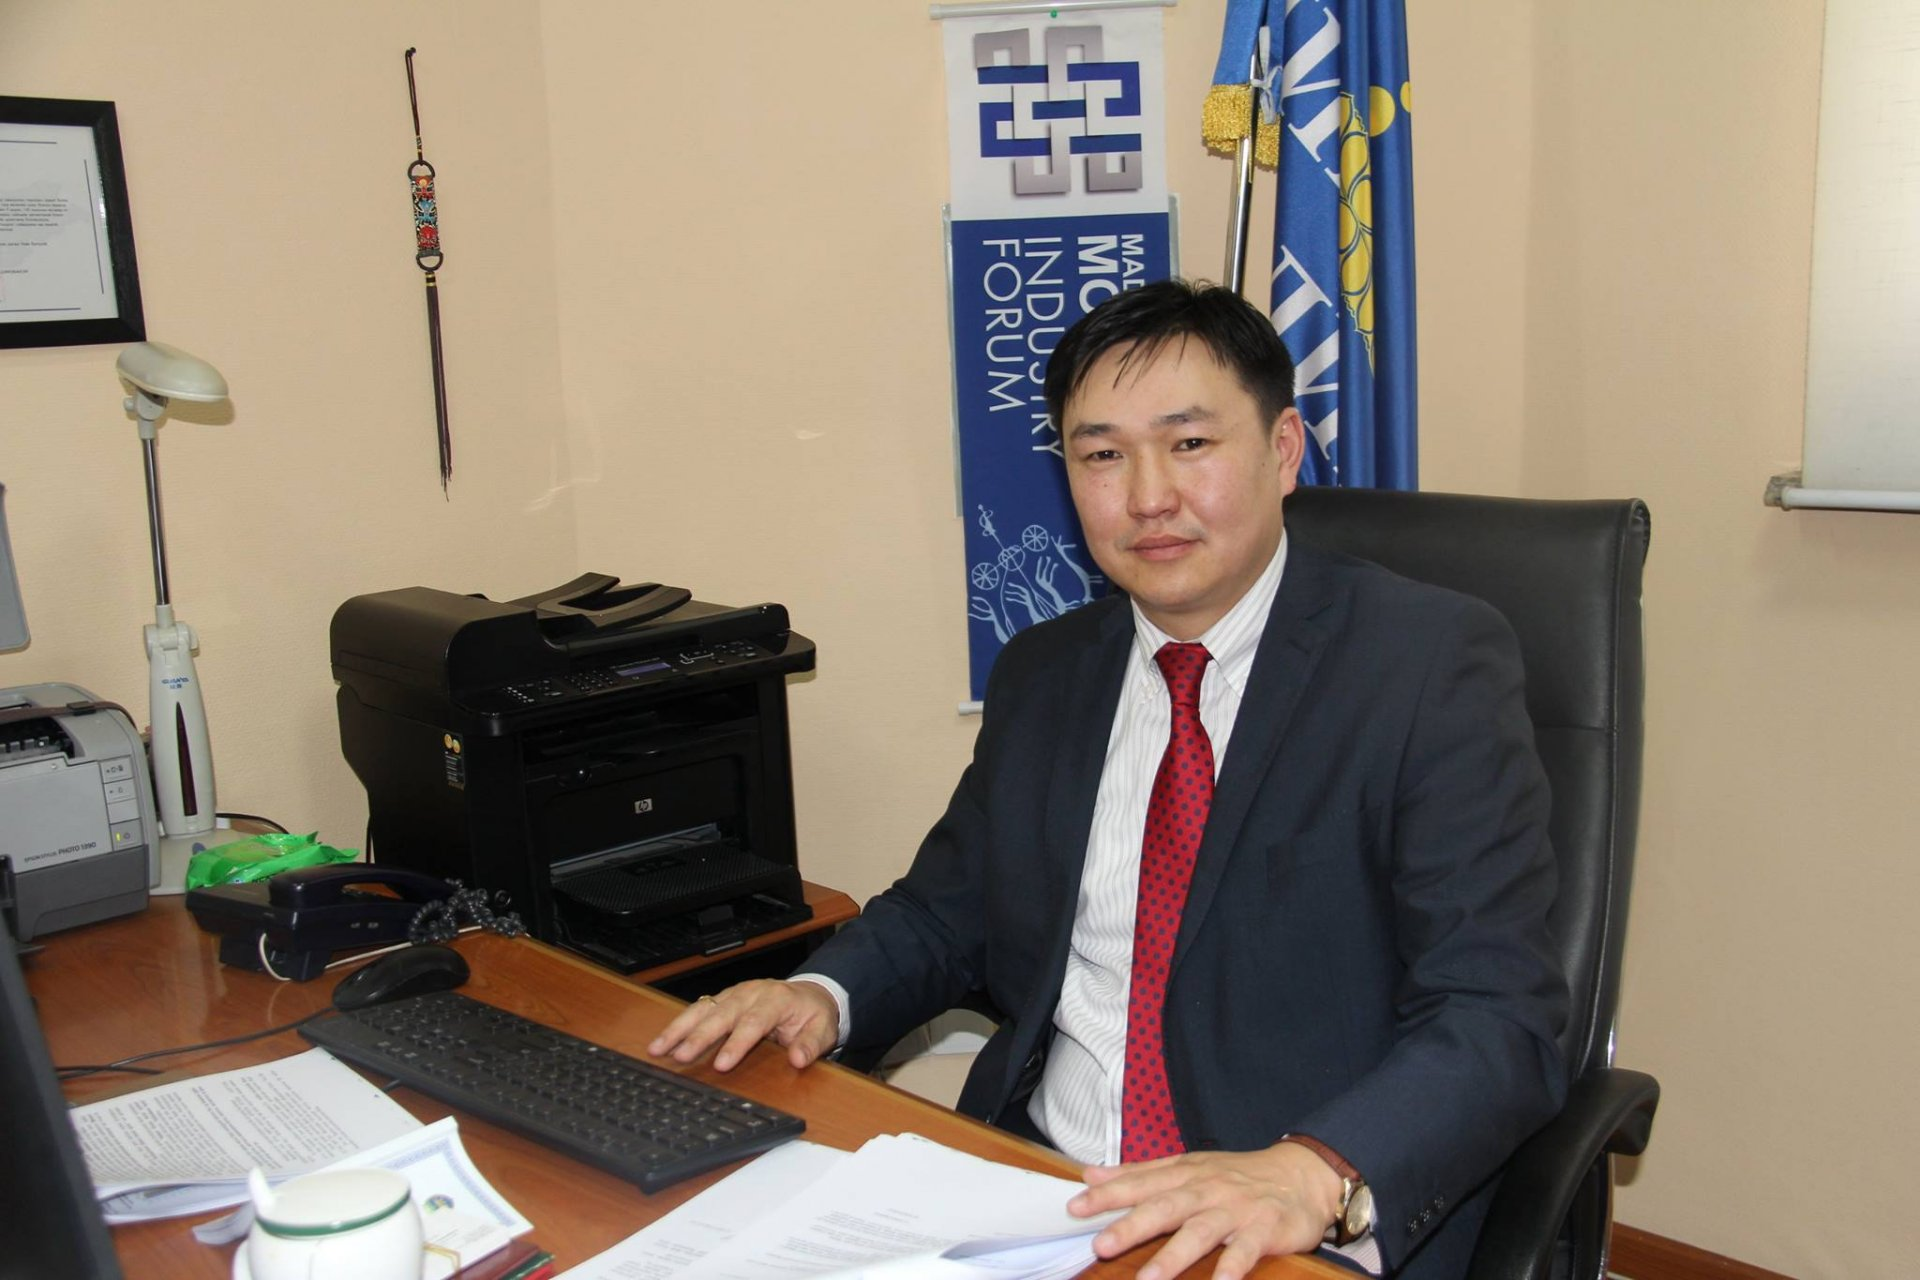 Монгол Улсын хөгжлийн бодлого төлөвлөлтөнд харилцаа холбооны салбар  чухал үүрэгтэй!